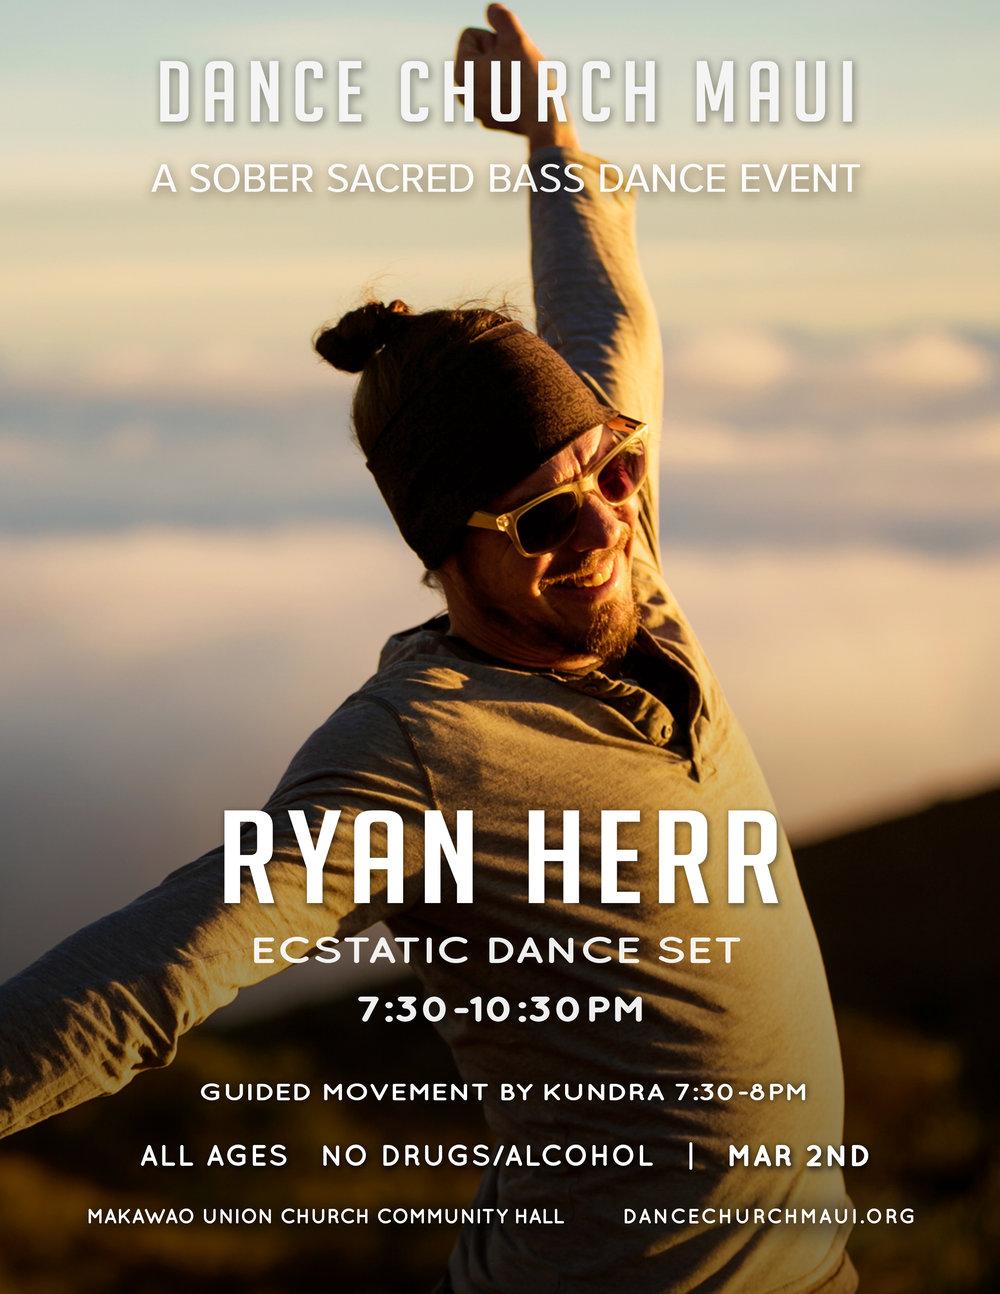 RyanHerr-Flier-Letter.jpg